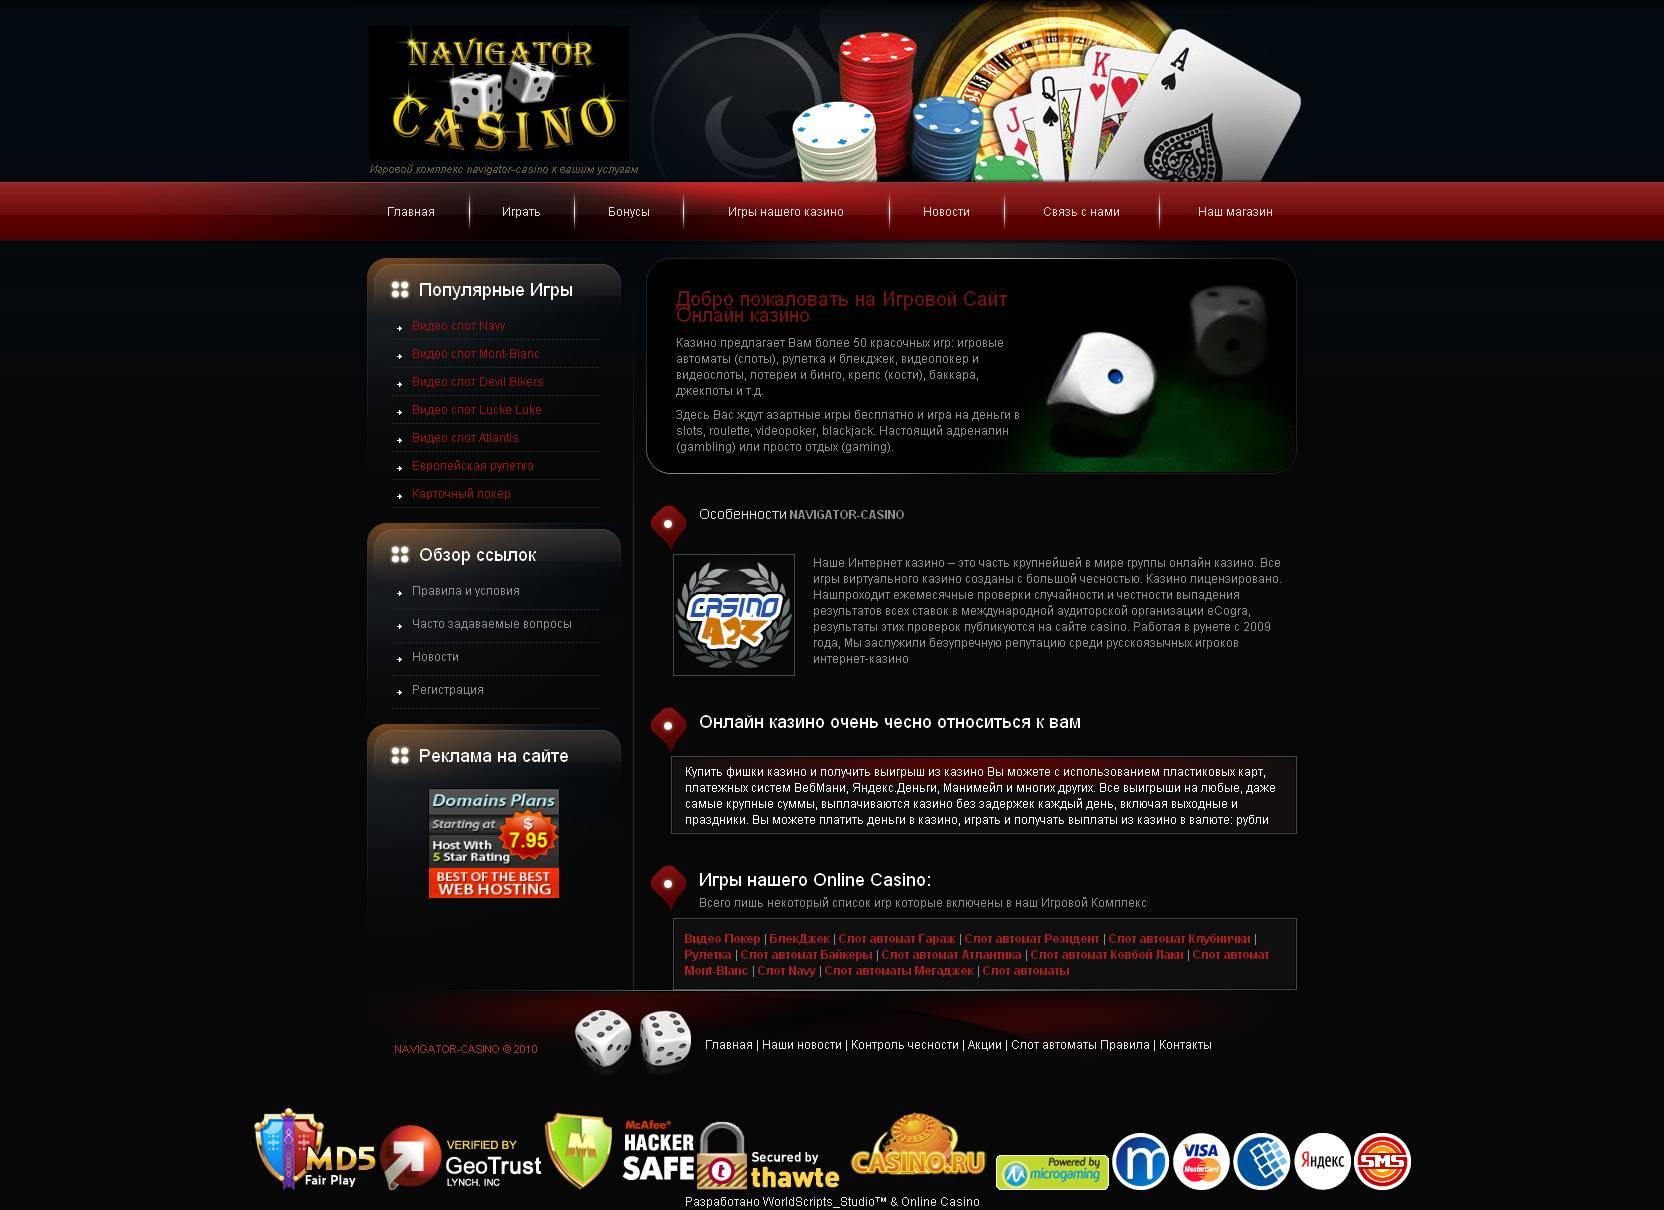 buy online casino www.book.de